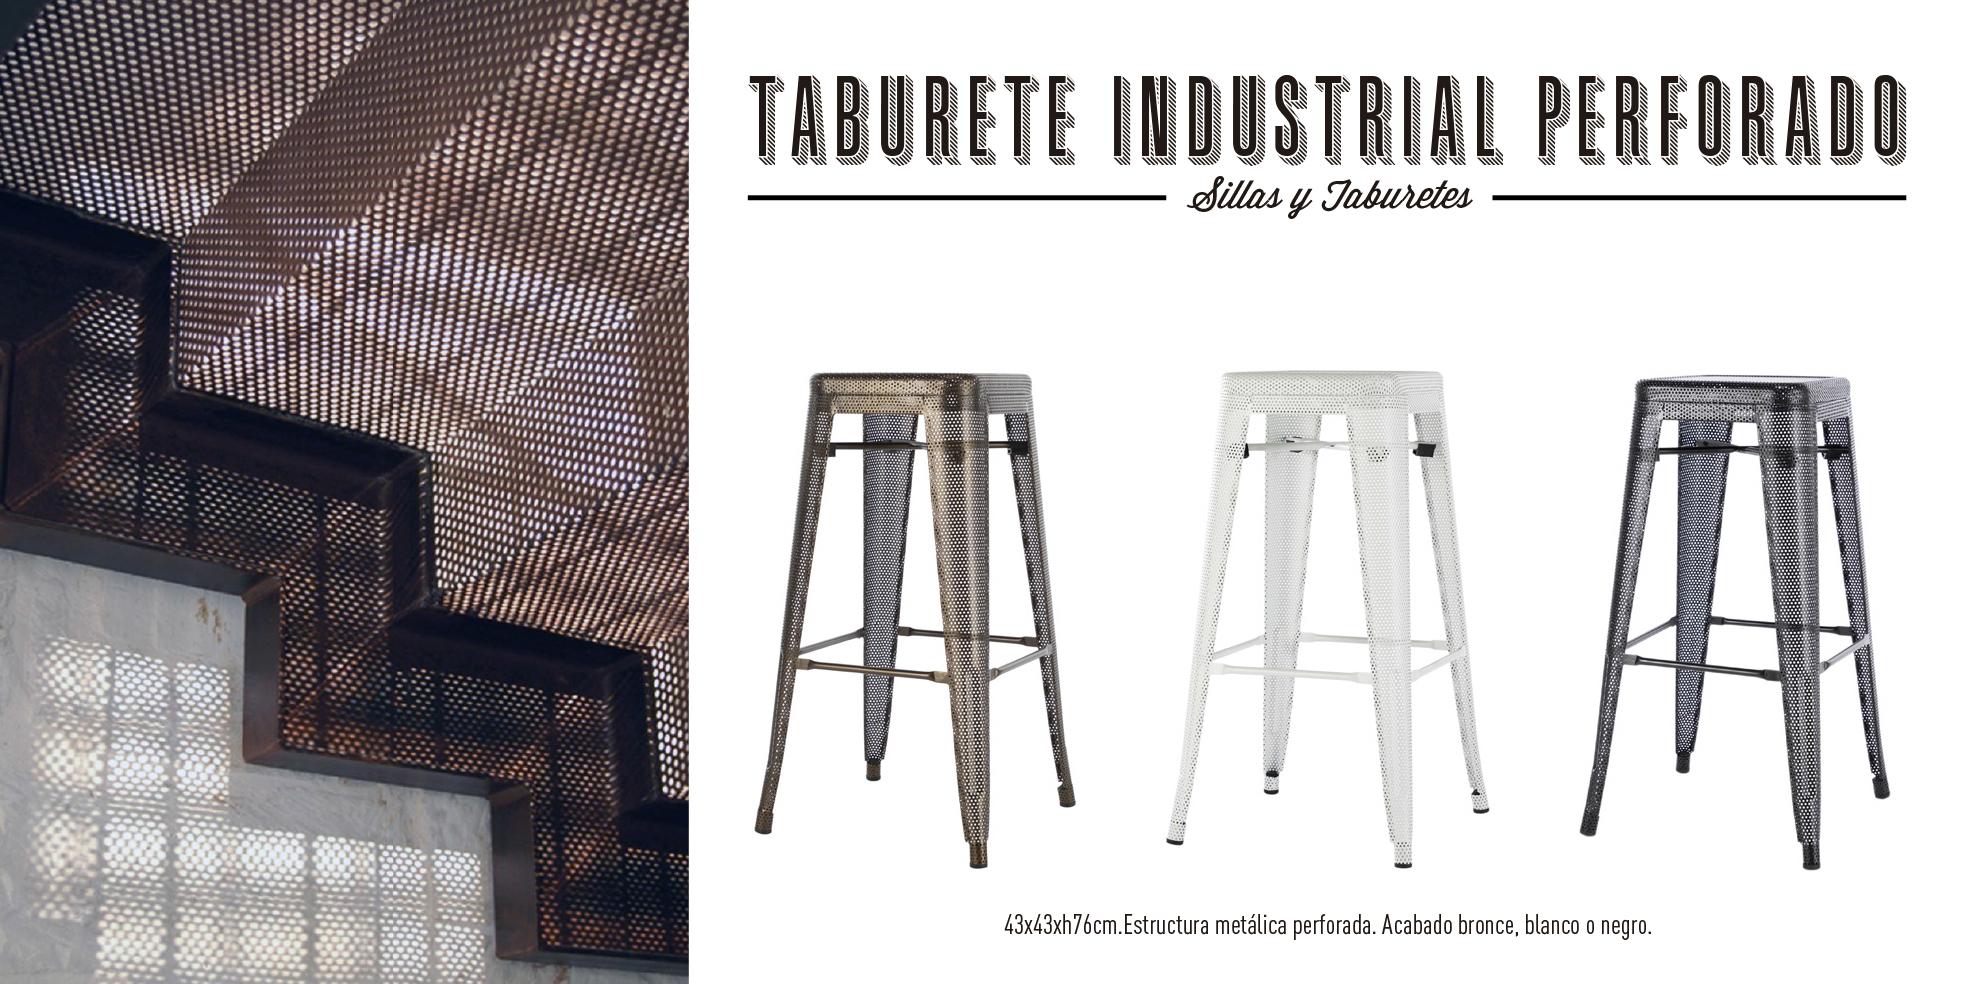 Taburete industrial perforada Tolix